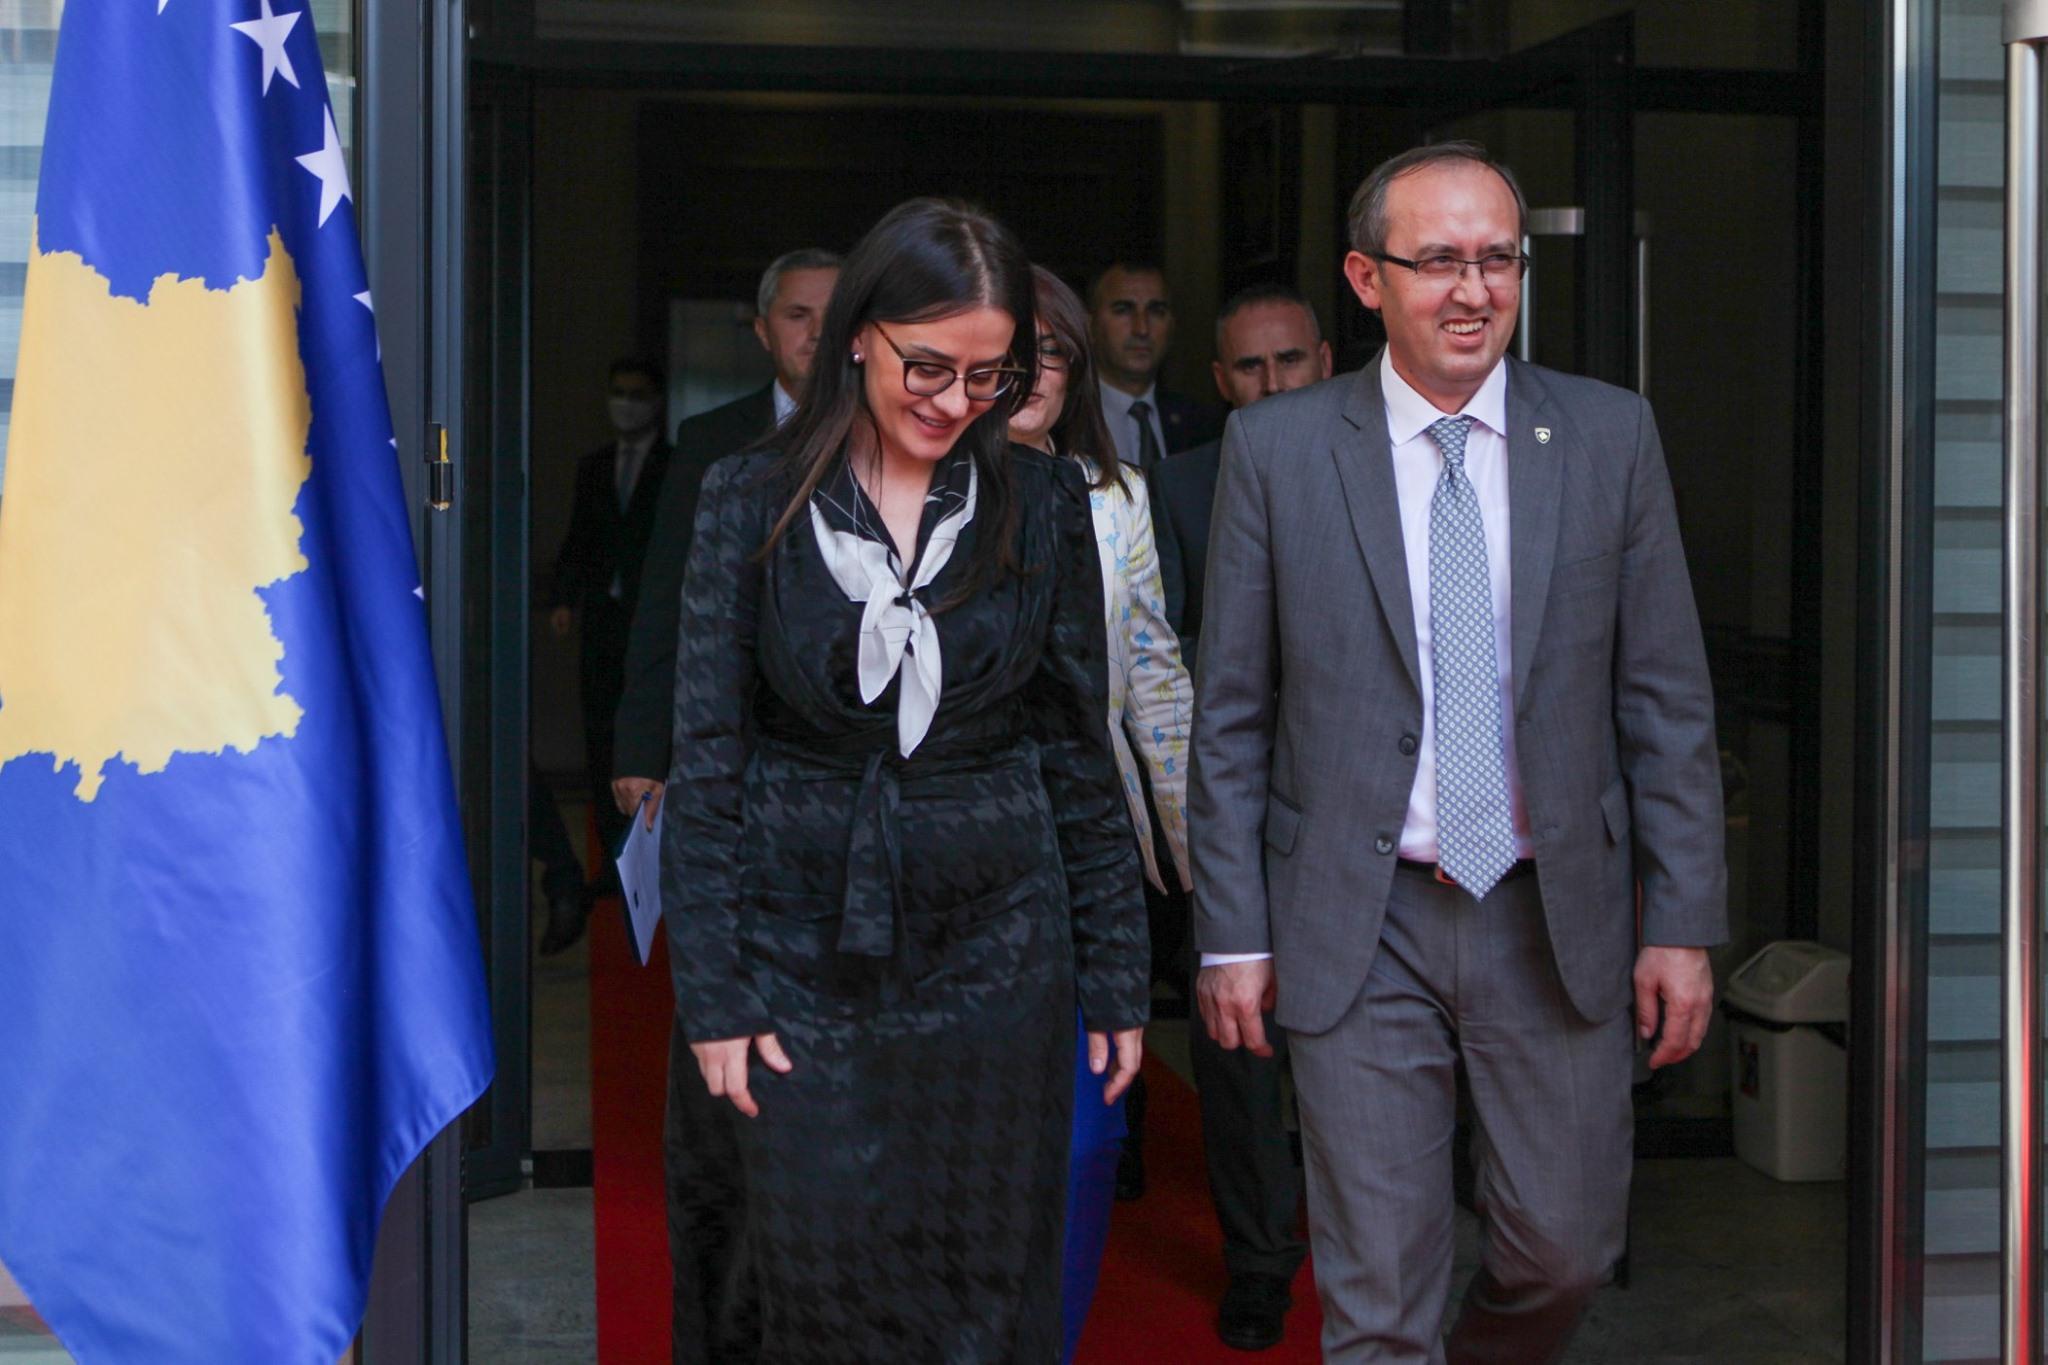 Meliza Haradinaj i quan absurde masat e reja të Hotit, do të votoj KUNDËR